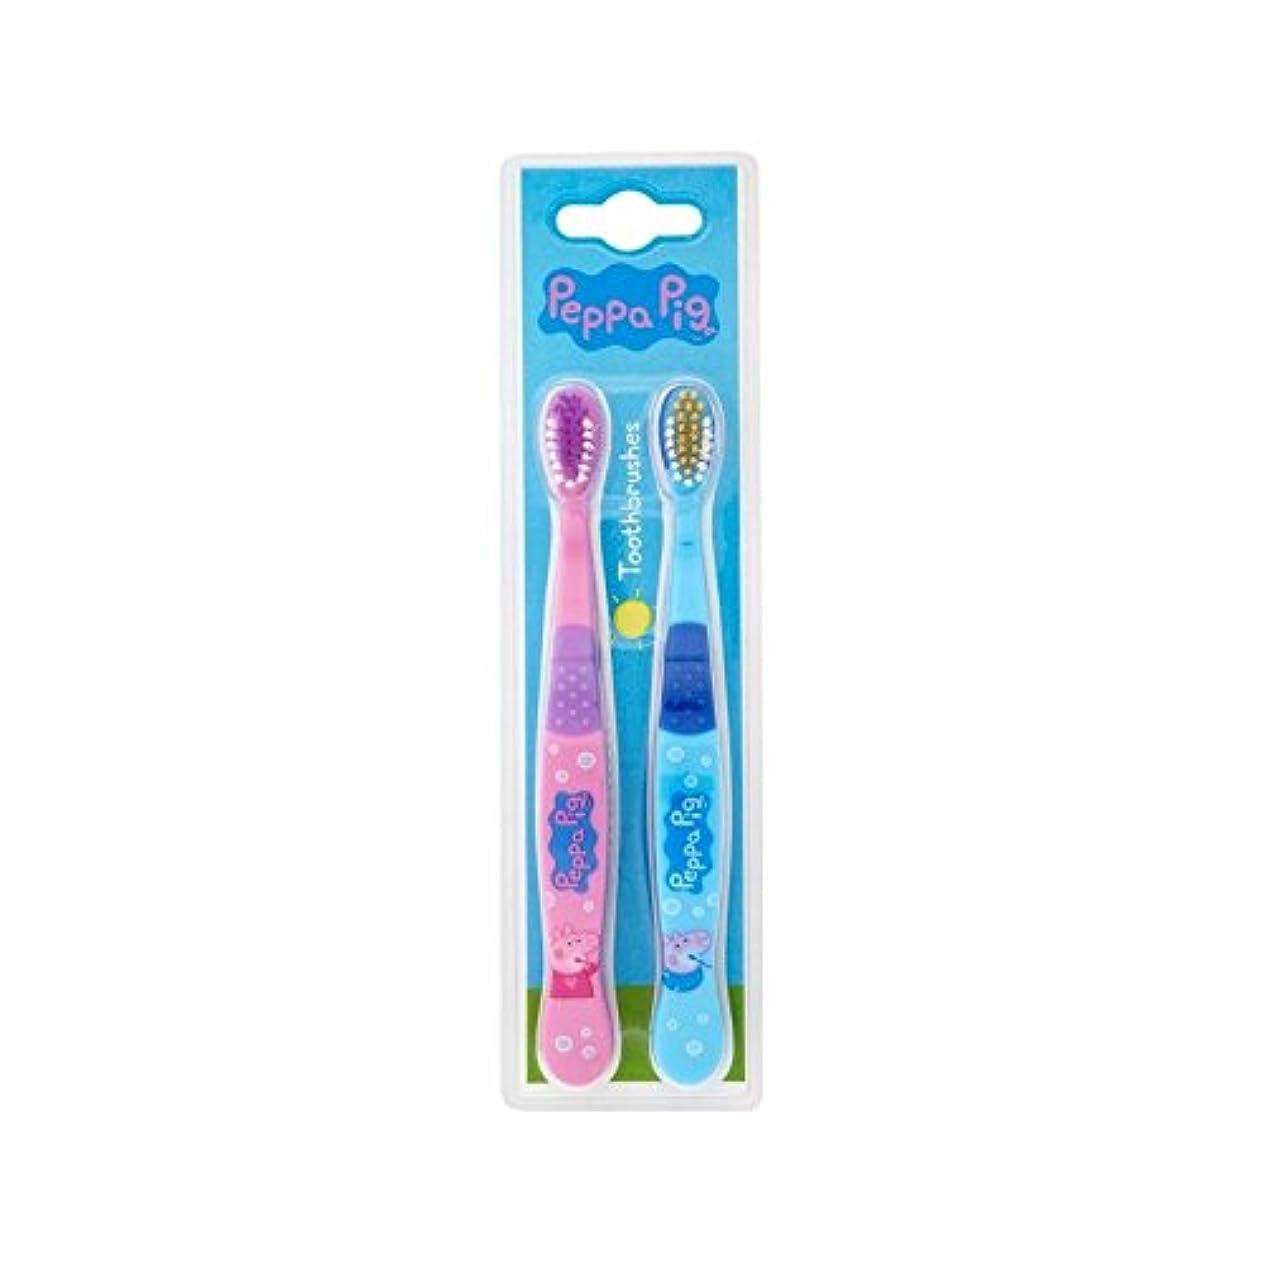 ステージブラシ比類なき1パックツイン歯ブラシ2 (Peppa Pig) (x 4) - Peppa Pig Twin Toothbrush 2 per pack (Pack of 4) [並行輸入品]